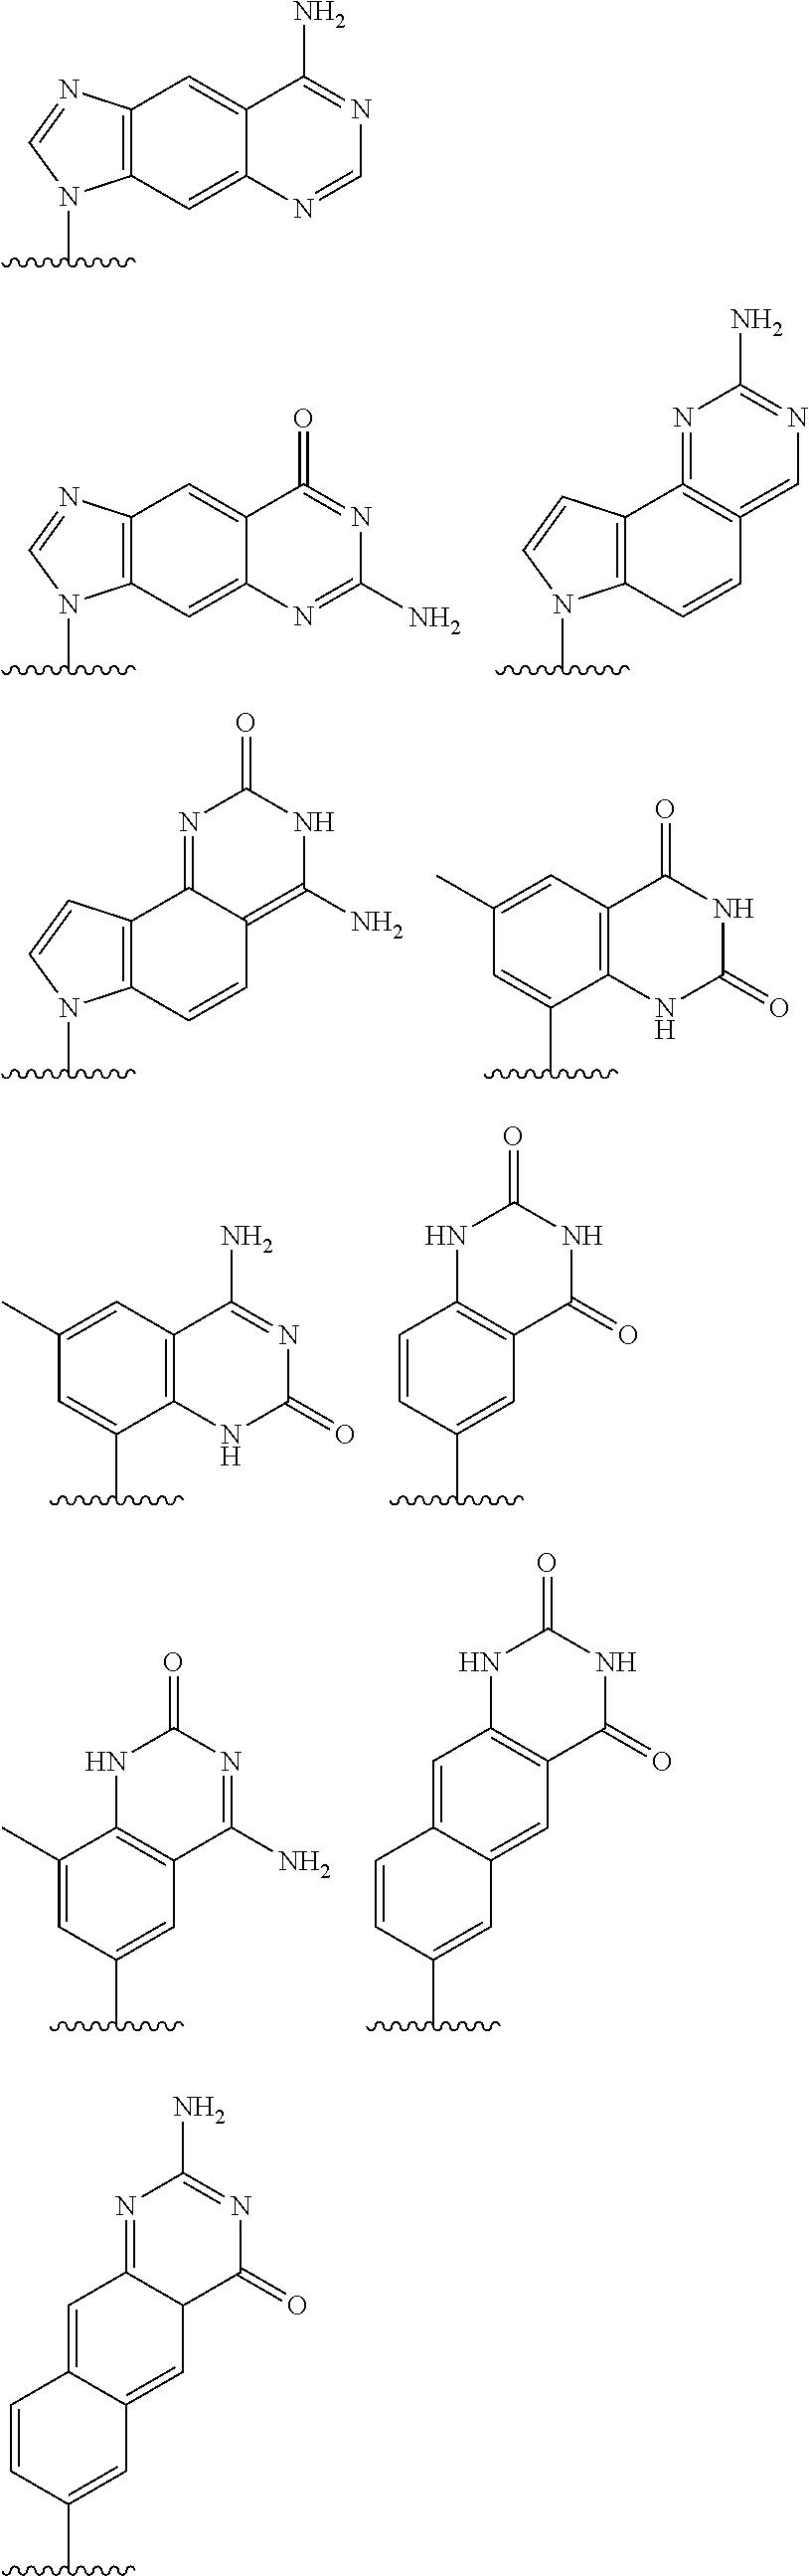 Figure US09695211-20170704-C00059